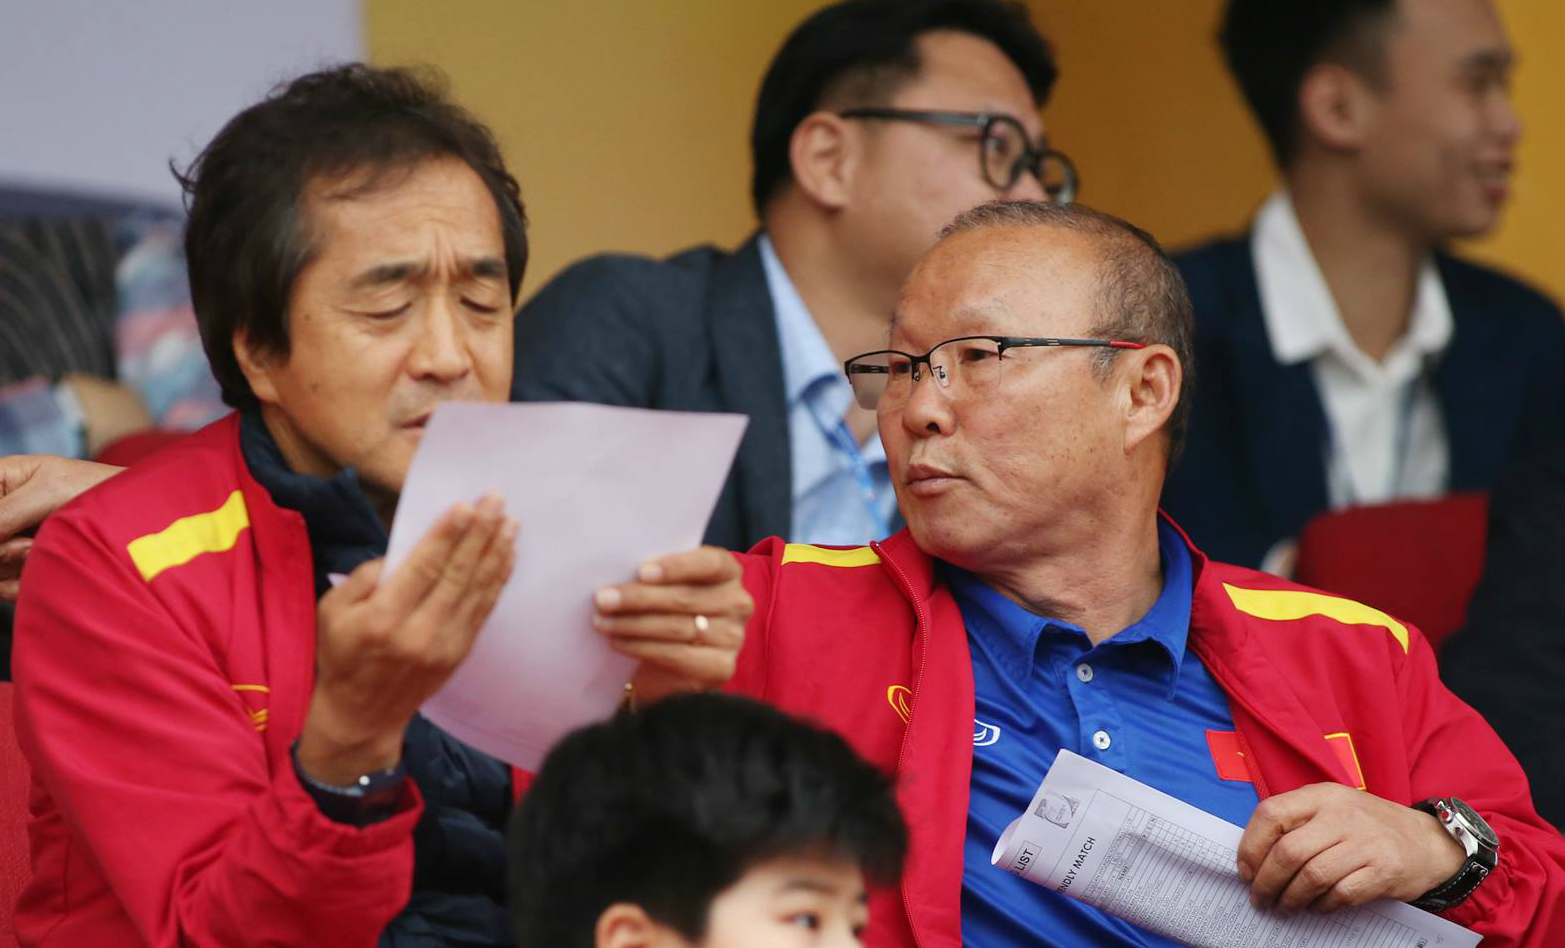 VFF - HLV Park Hang-seo và các cộng sự lên kế hoạch dự khán V.League 2020